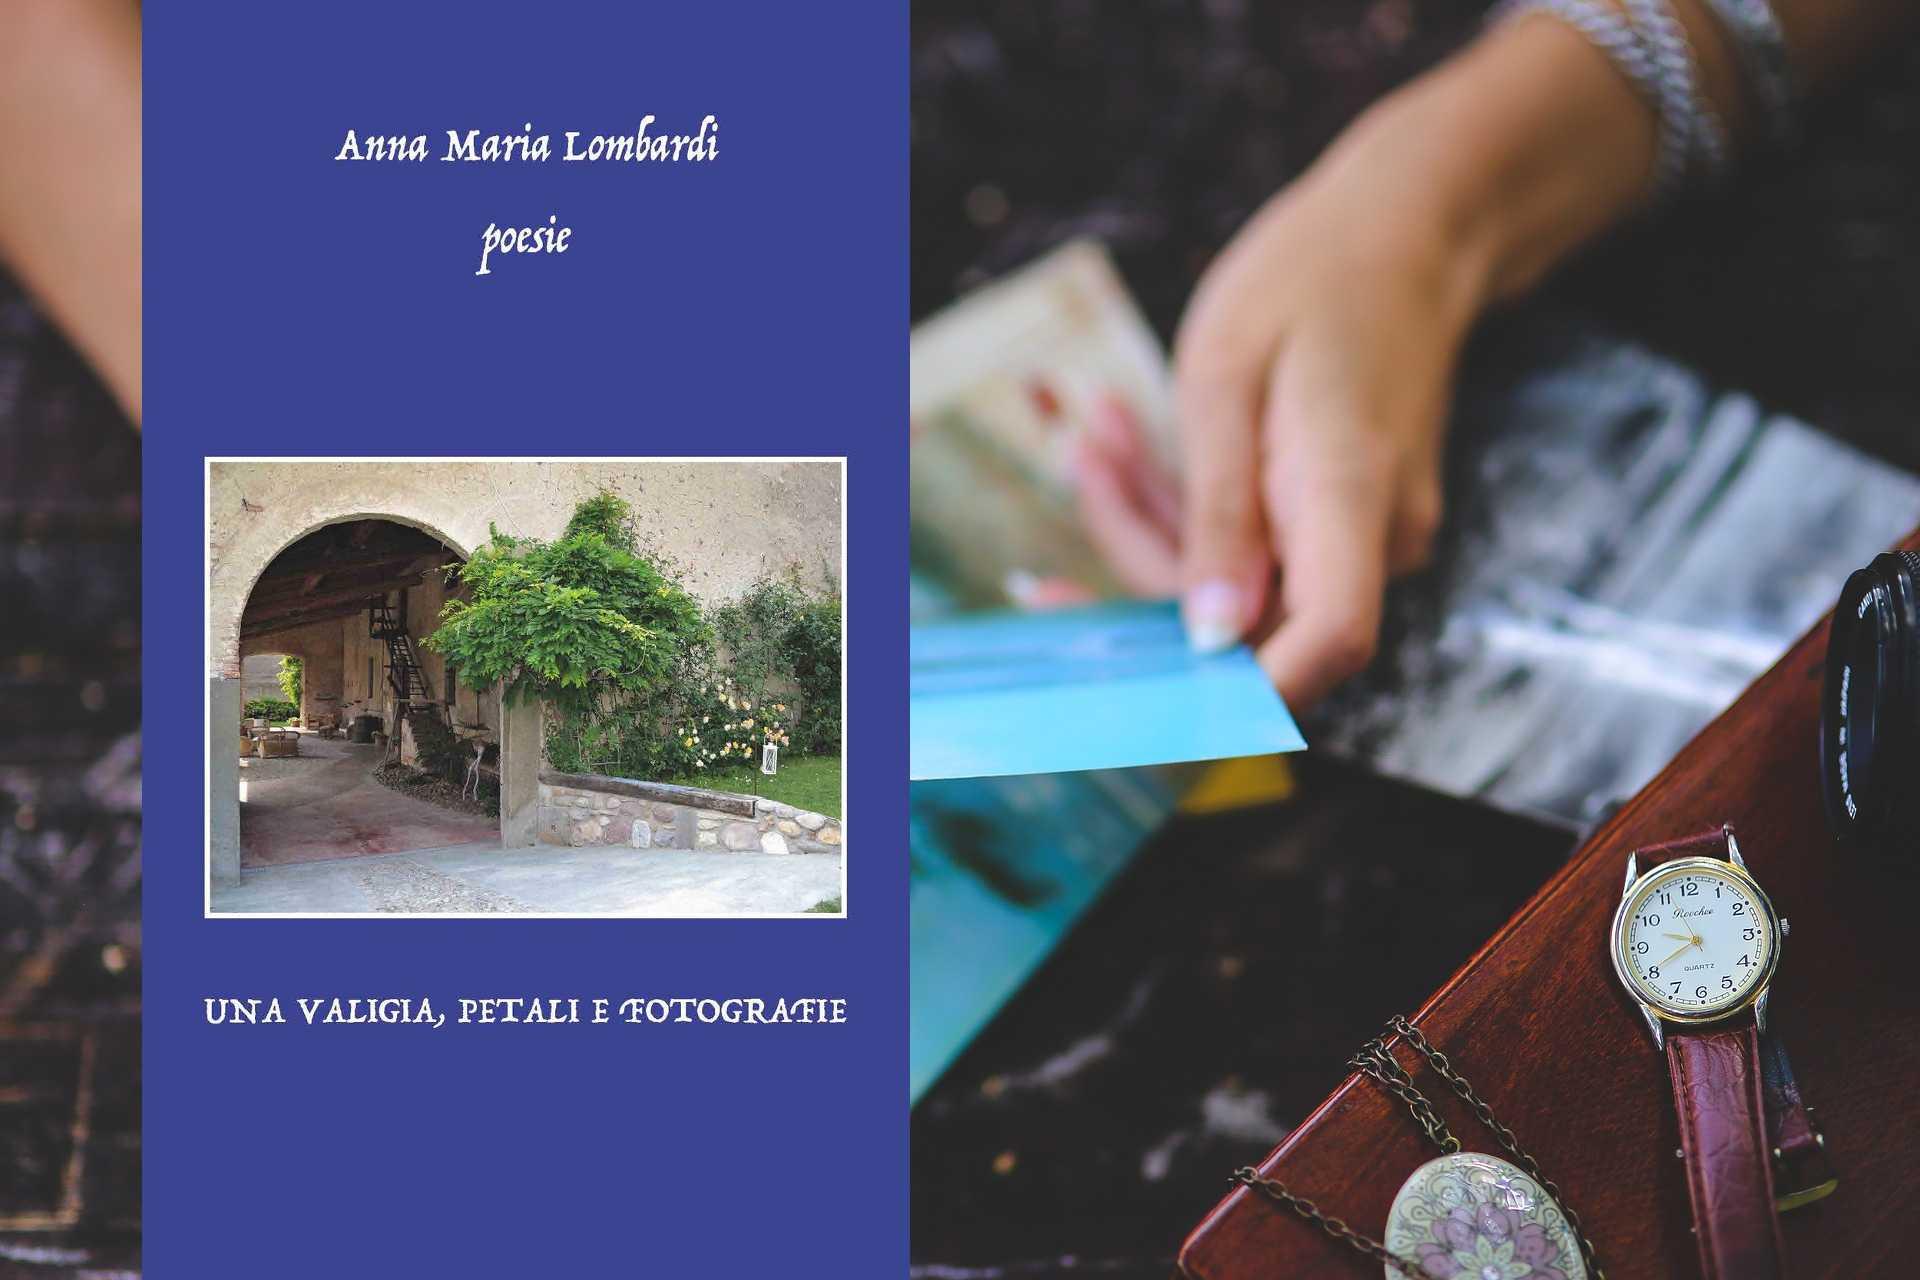 """""""Una valigia, petali e fotografie"""" di Anna Maria Lombardi"""